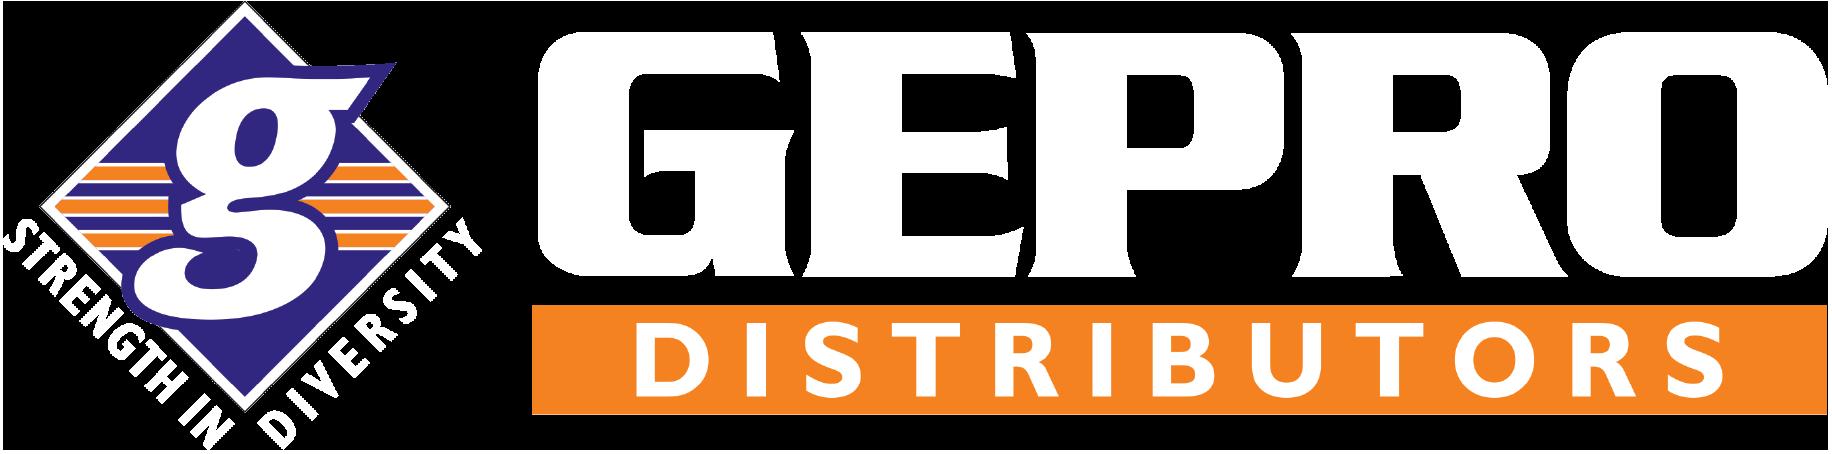 gepro-distributor-logo